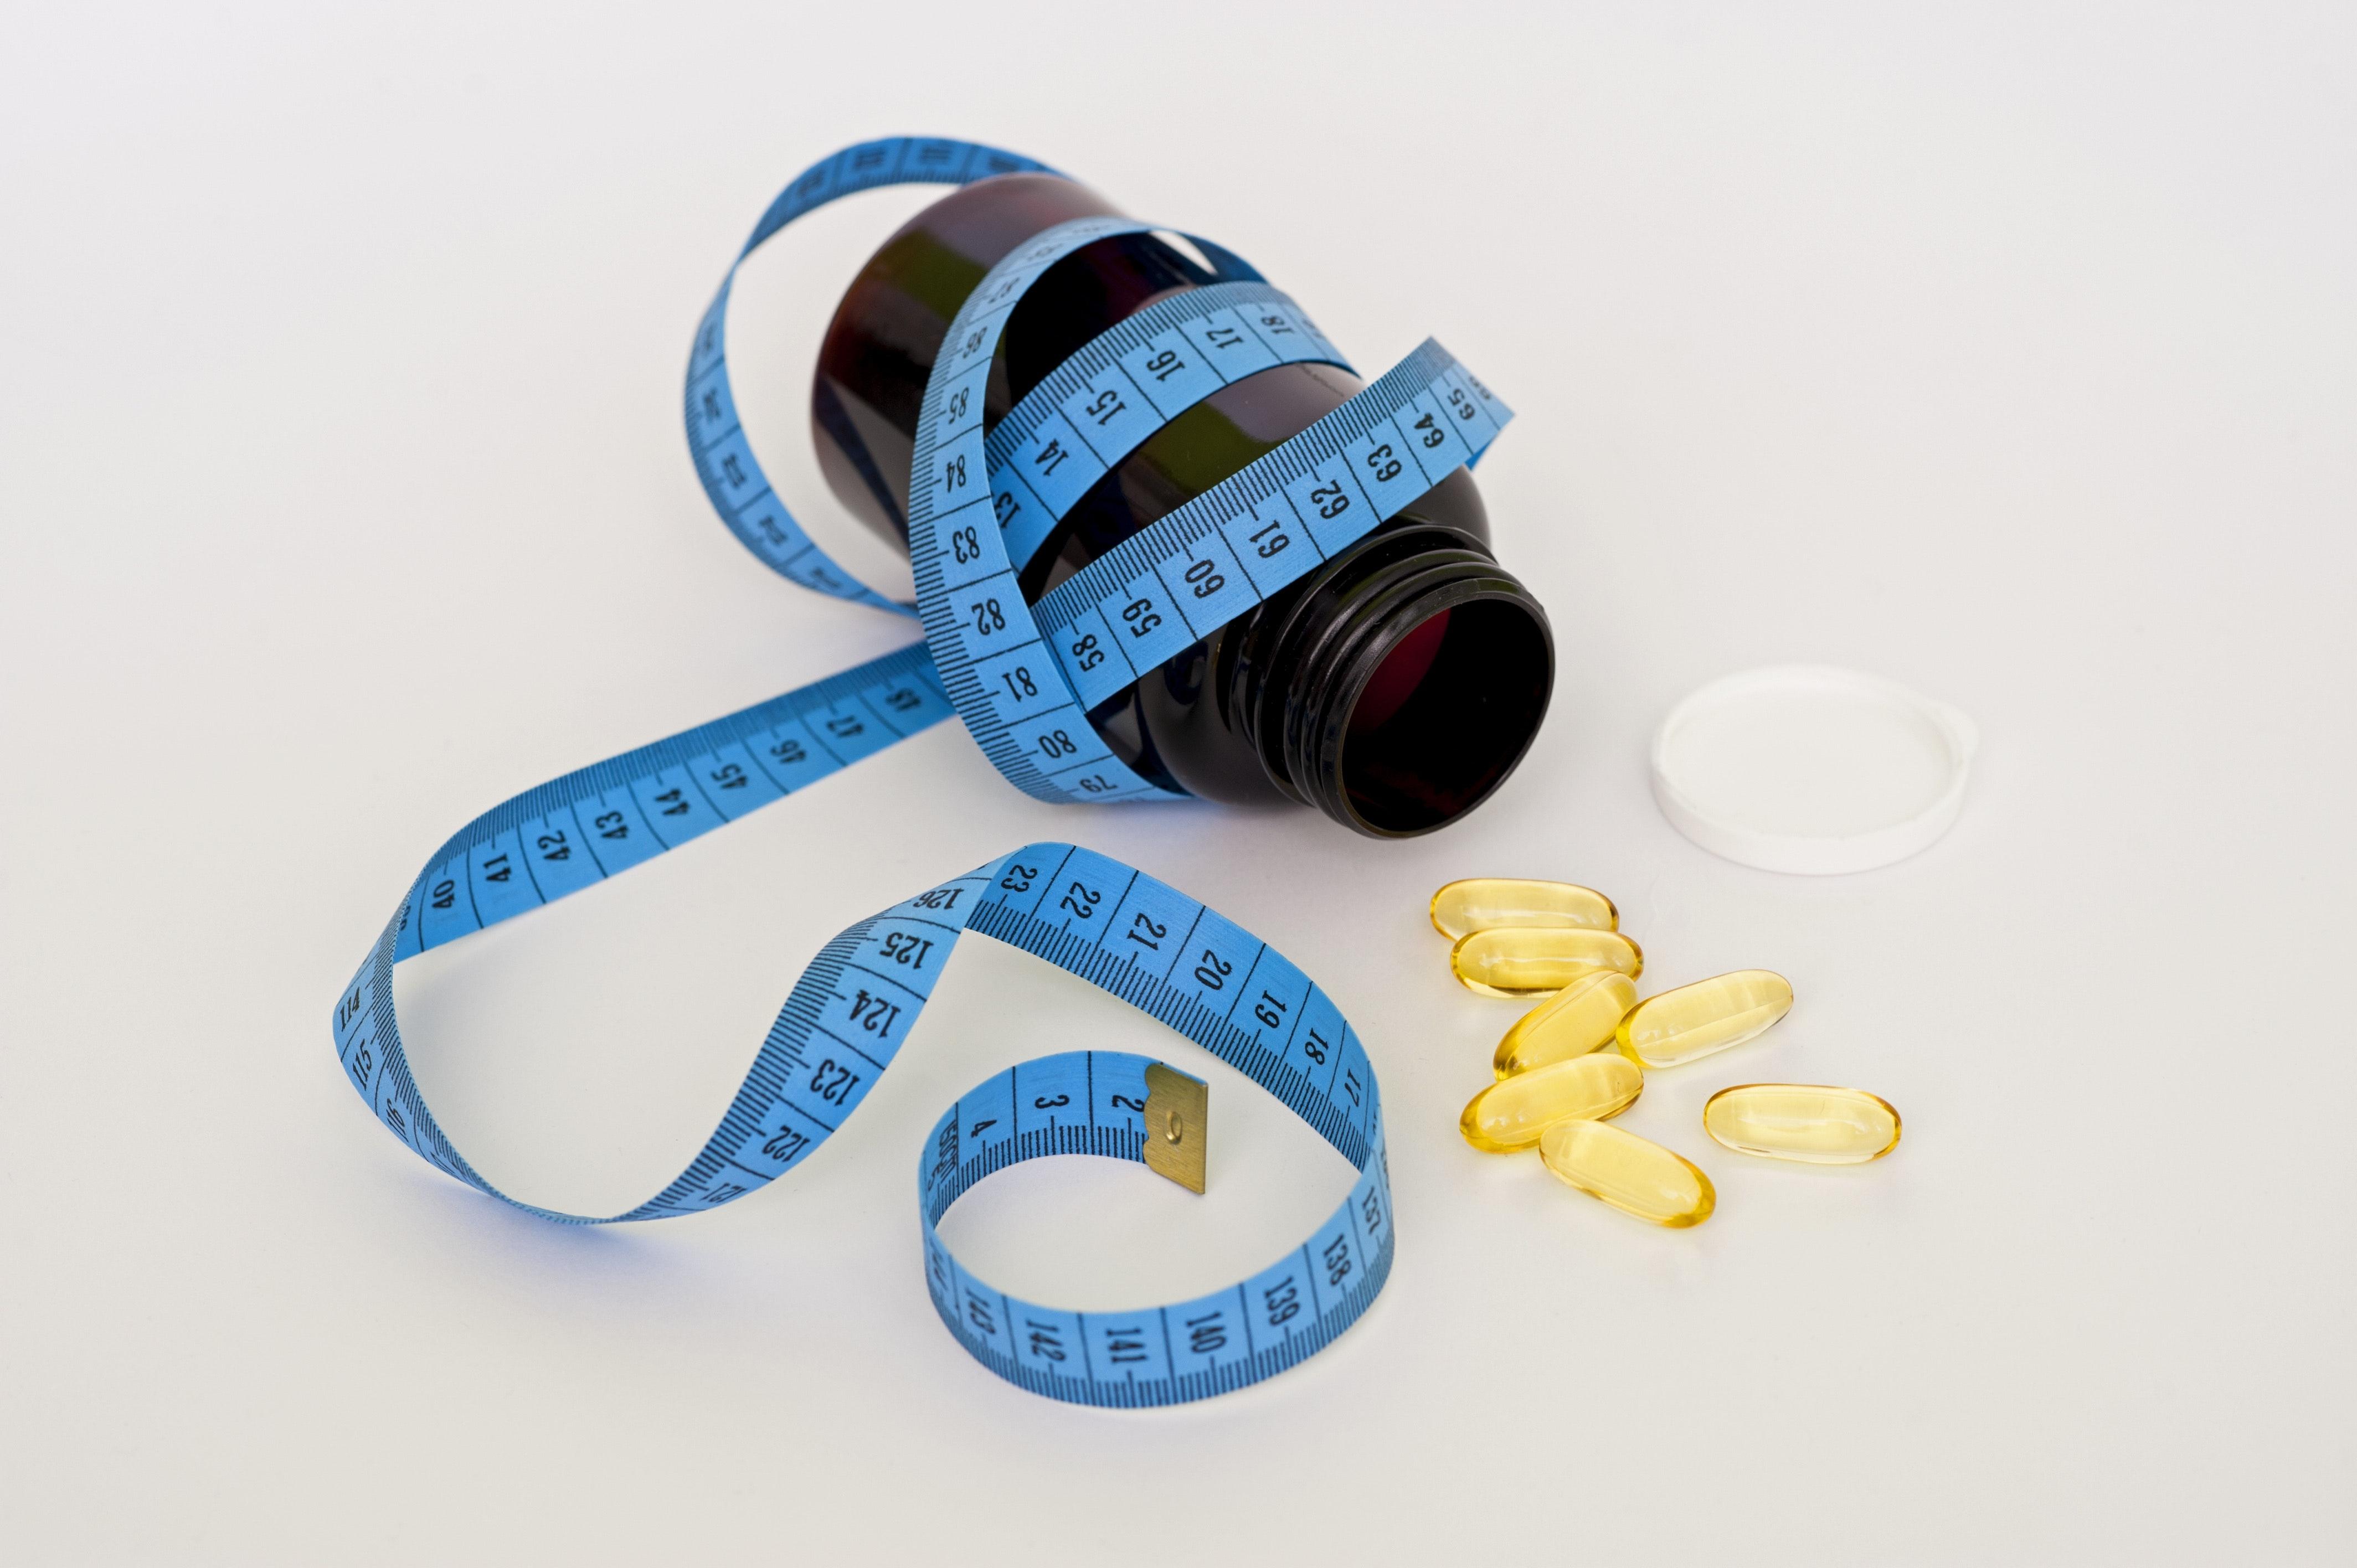 体脂肪,ダイエット,痩せる,サプリメント,運動